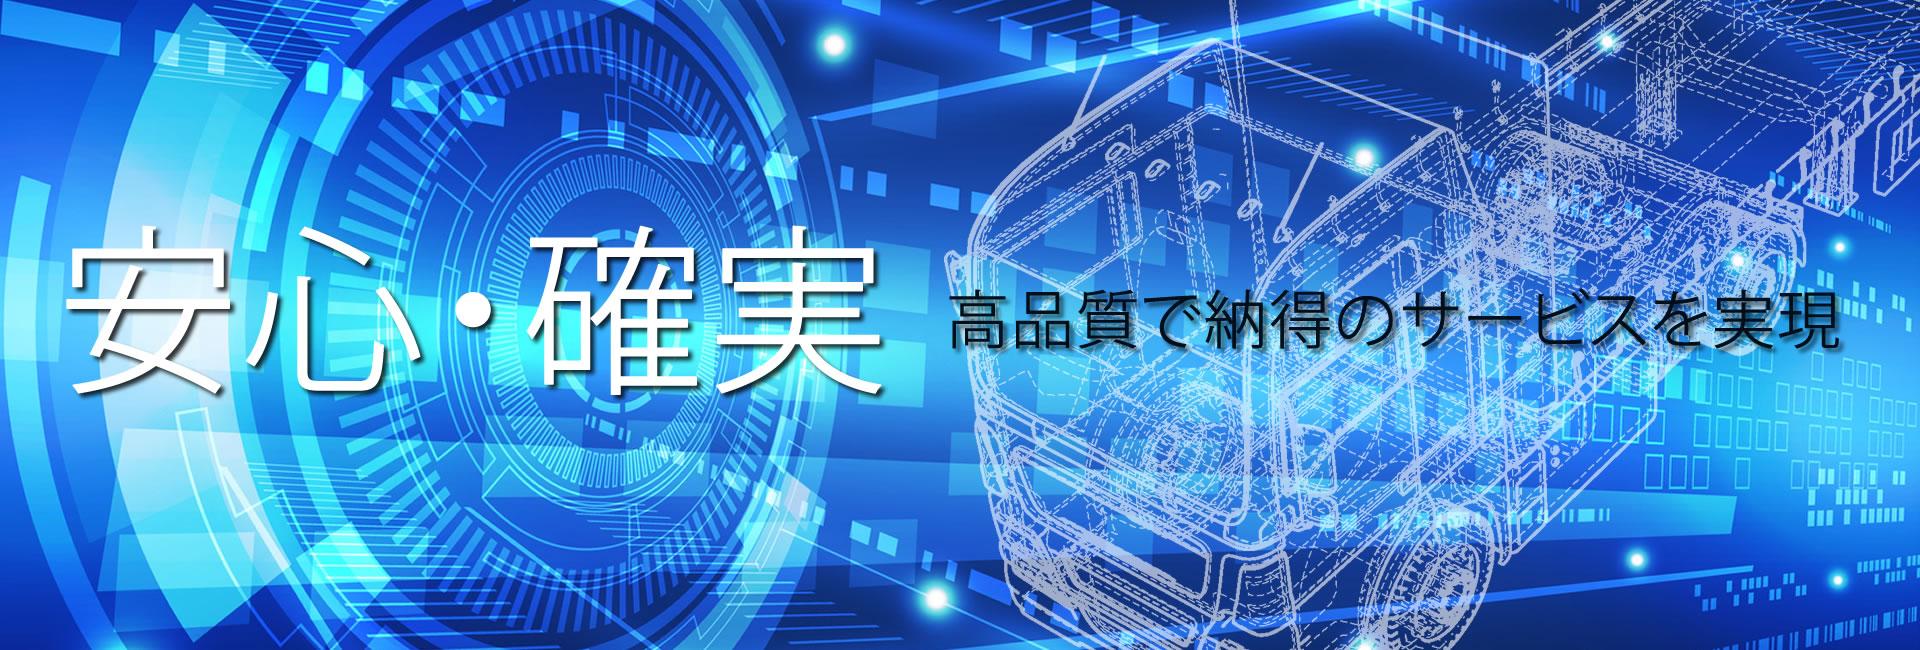 翔和流通株式会社